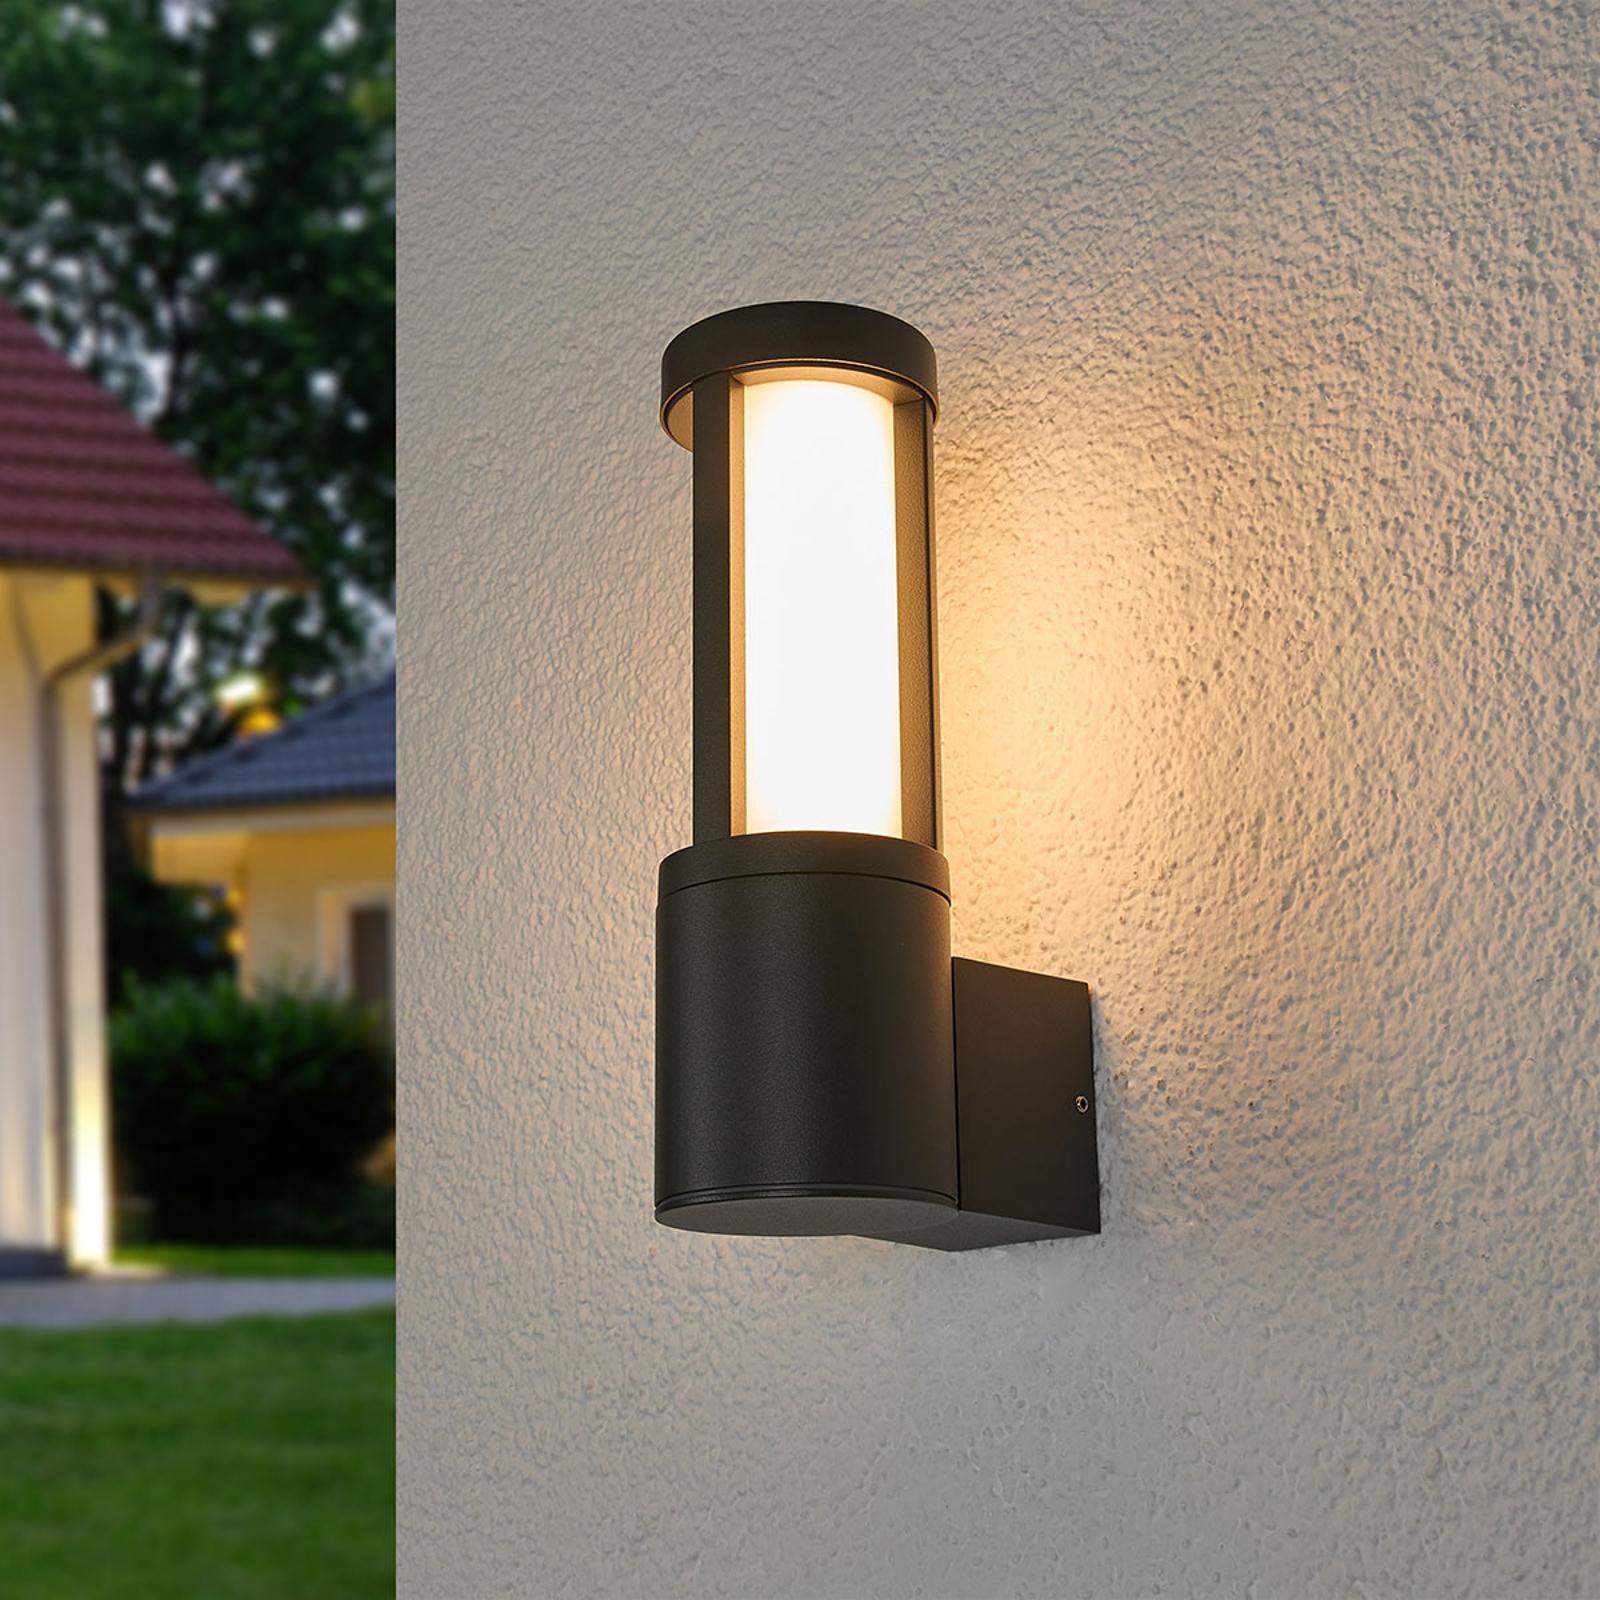 Applique d'extérieur LED gris foncé Sidny